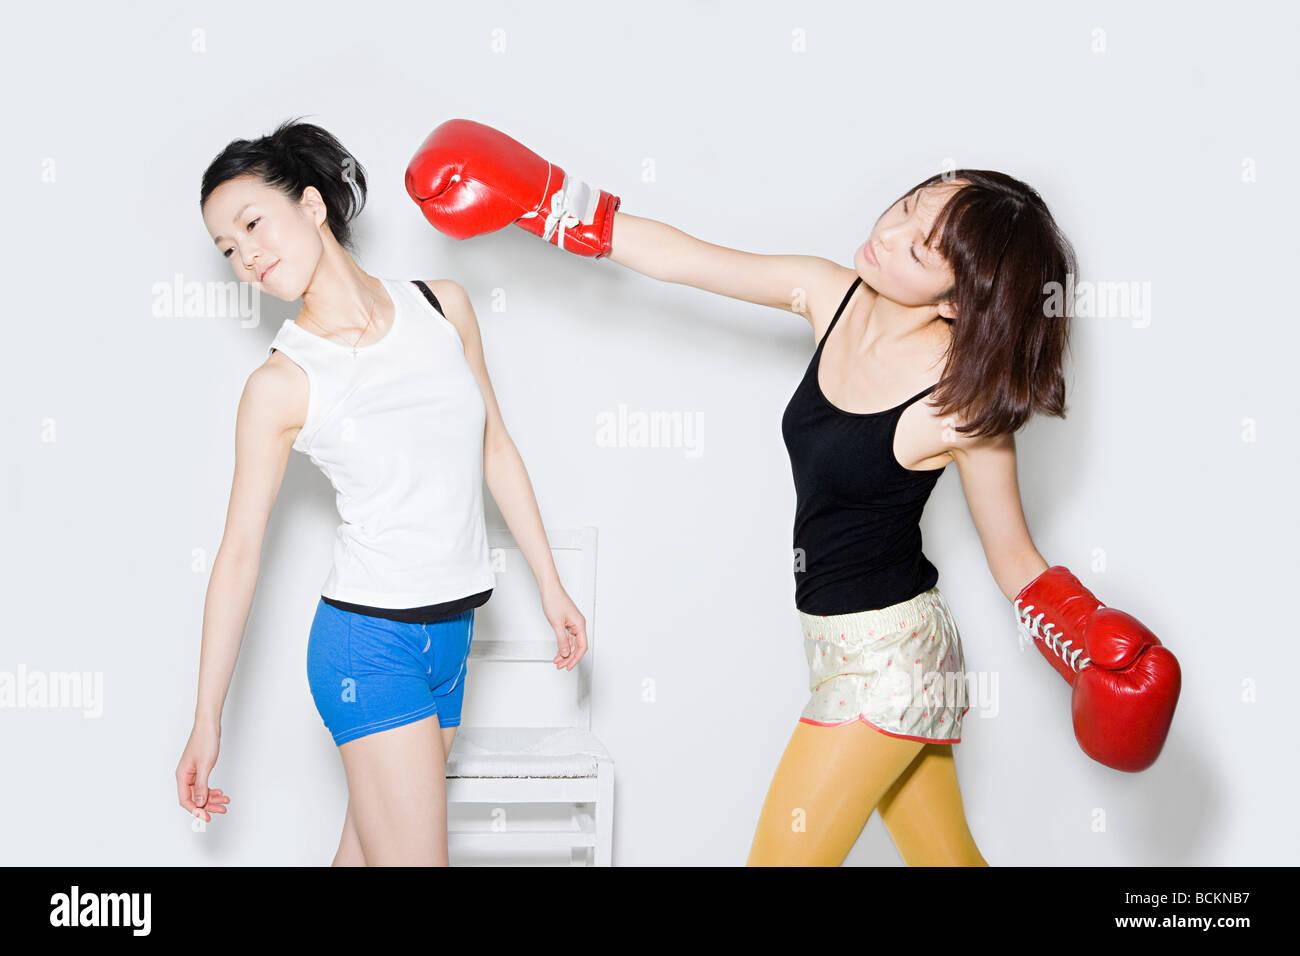 Las mujeres jóvenes boxeo Imagen De Stock